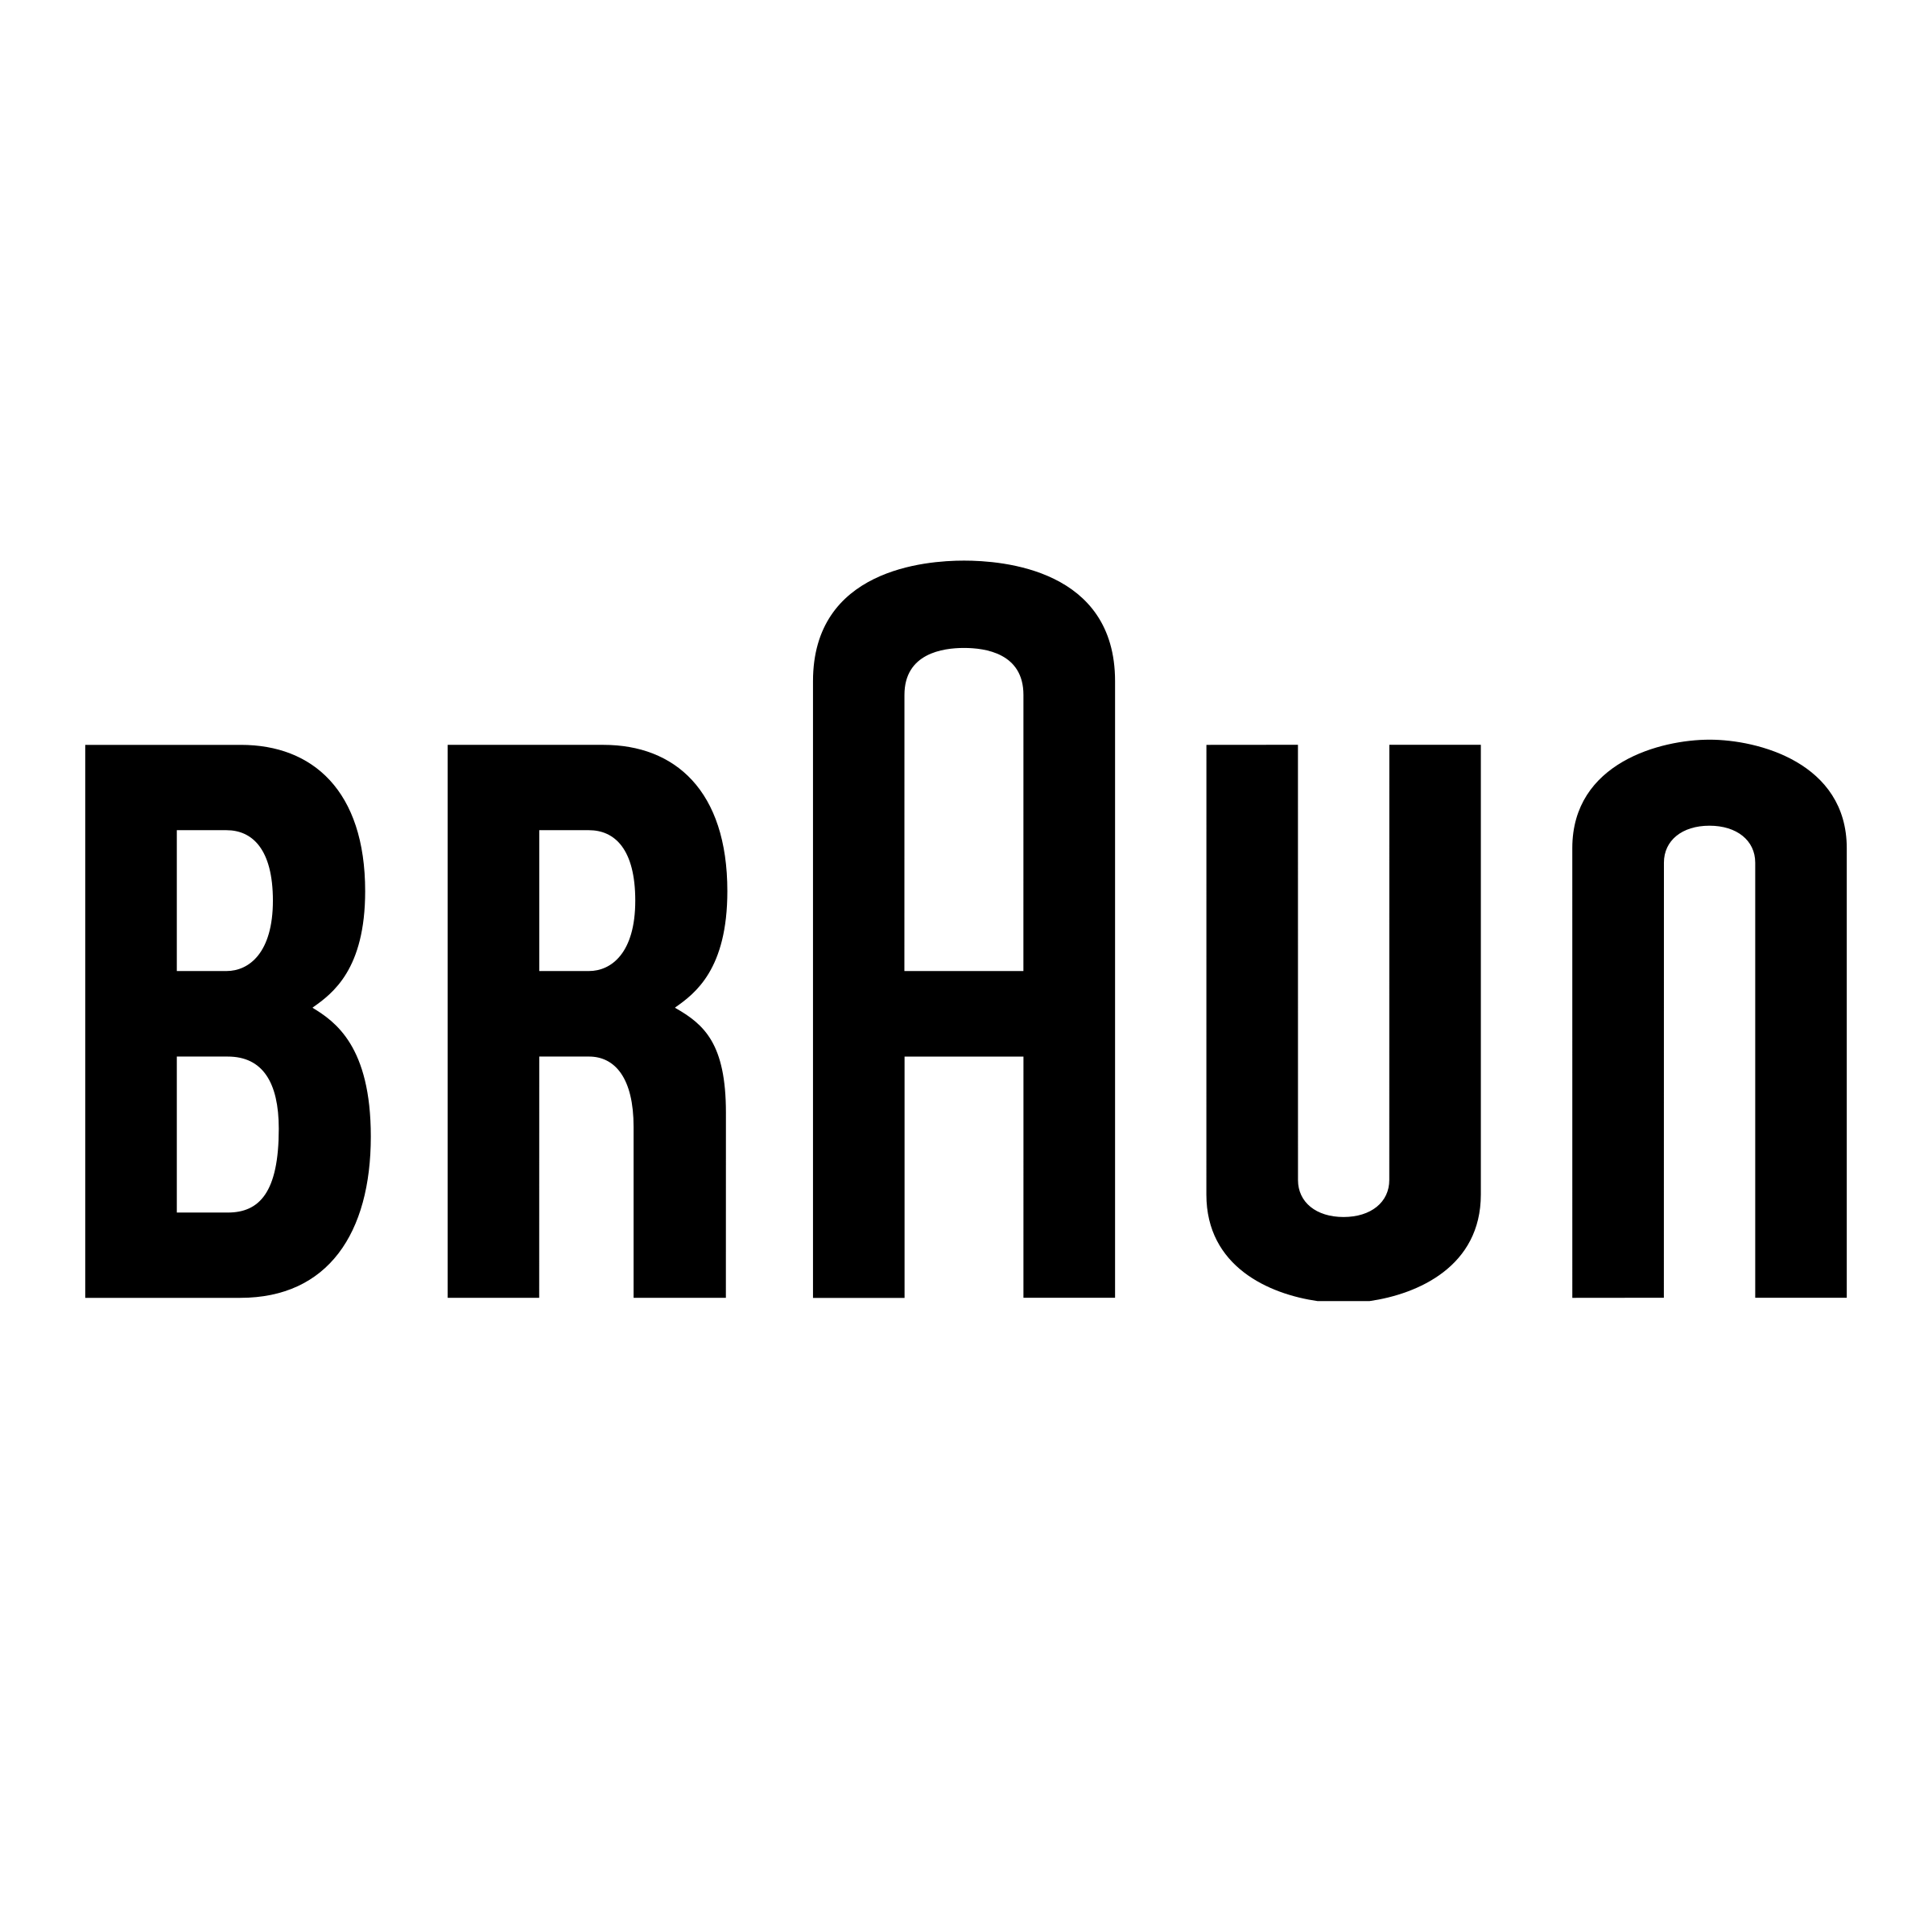 braun-1-logo-png-transparent.png